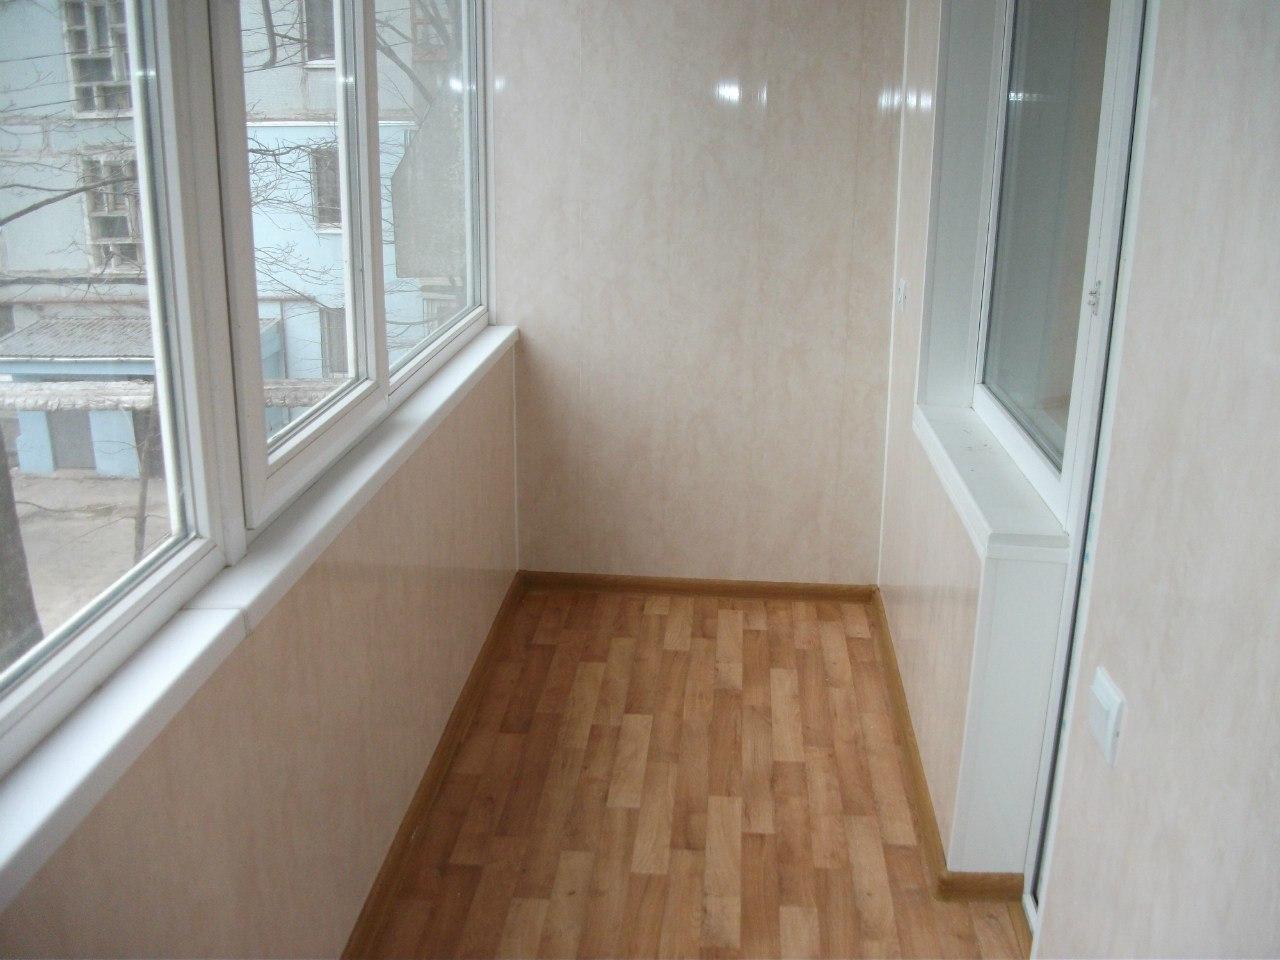 Отделка балконов и лоджий внутри в благовещенске - 261804 - .